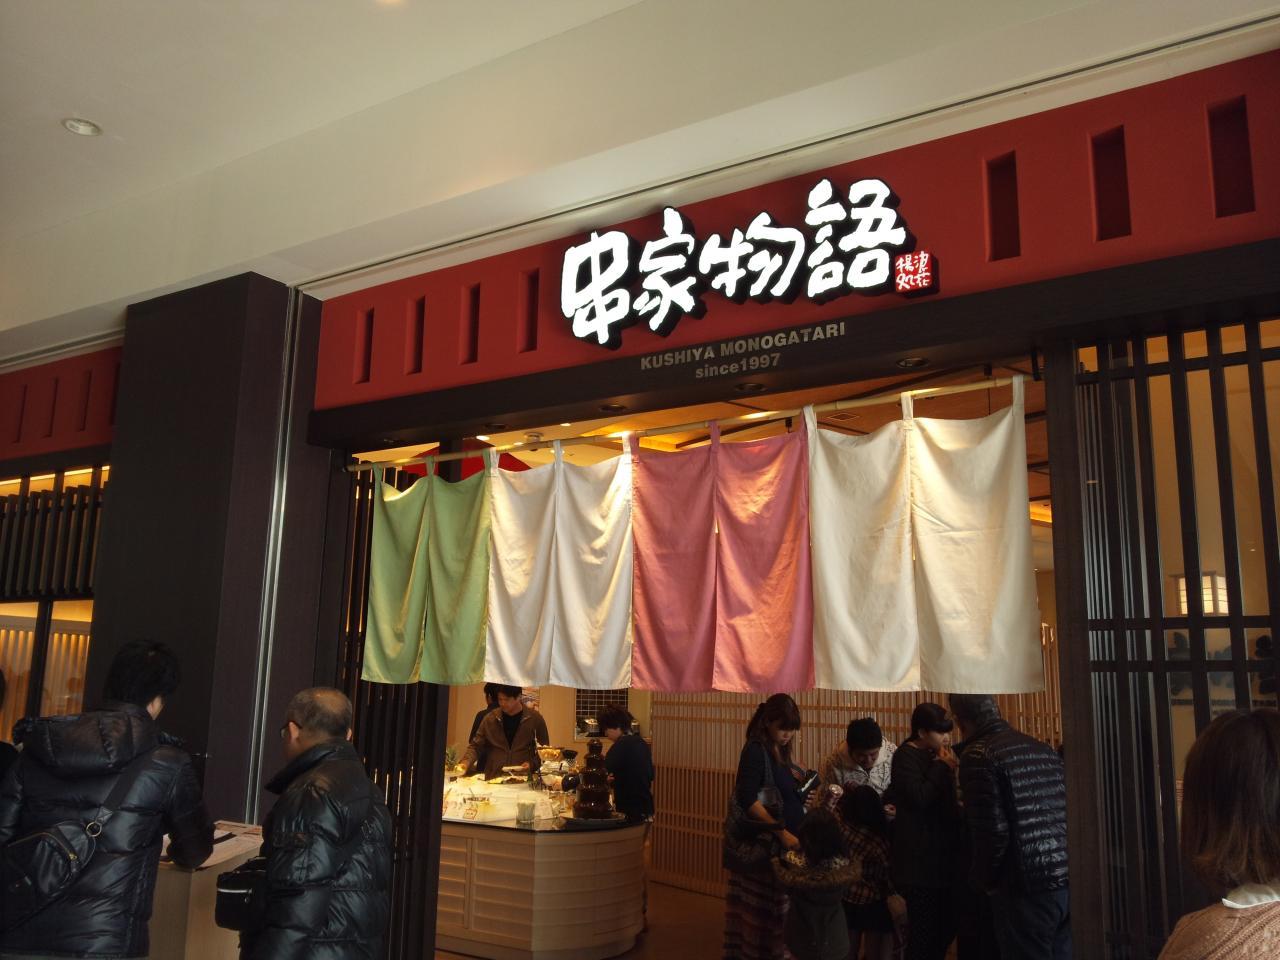 串家物語ららぽーと横浜店(店舗外観)